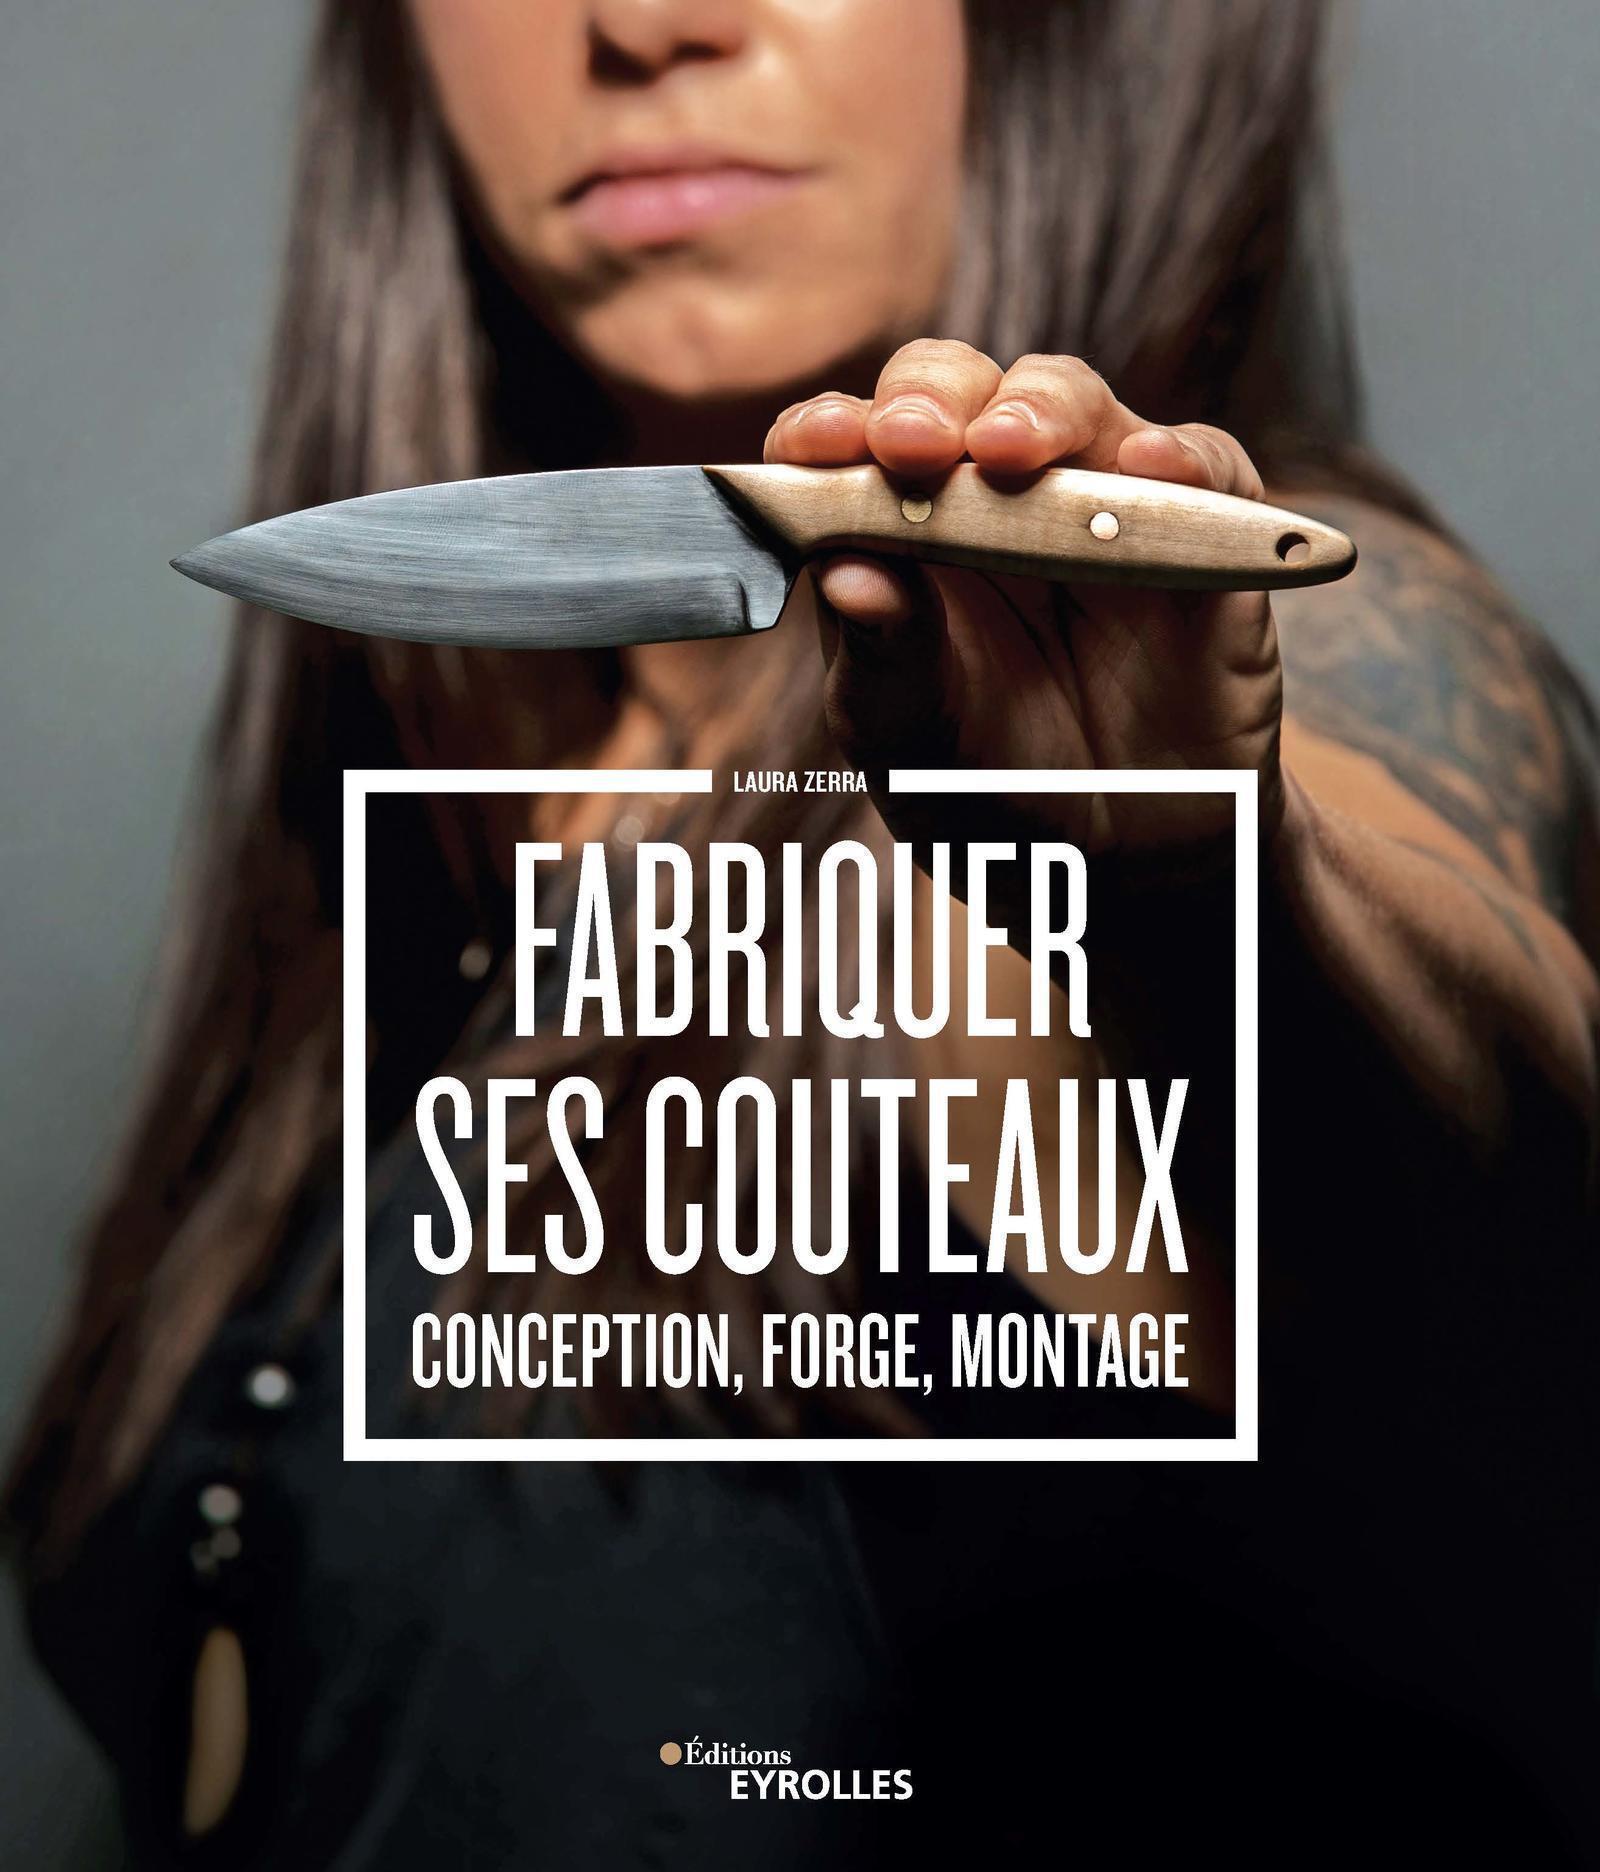 FABRIQUER SES COUTEAUX - CONCEPTION, FORGE, MONTAGE